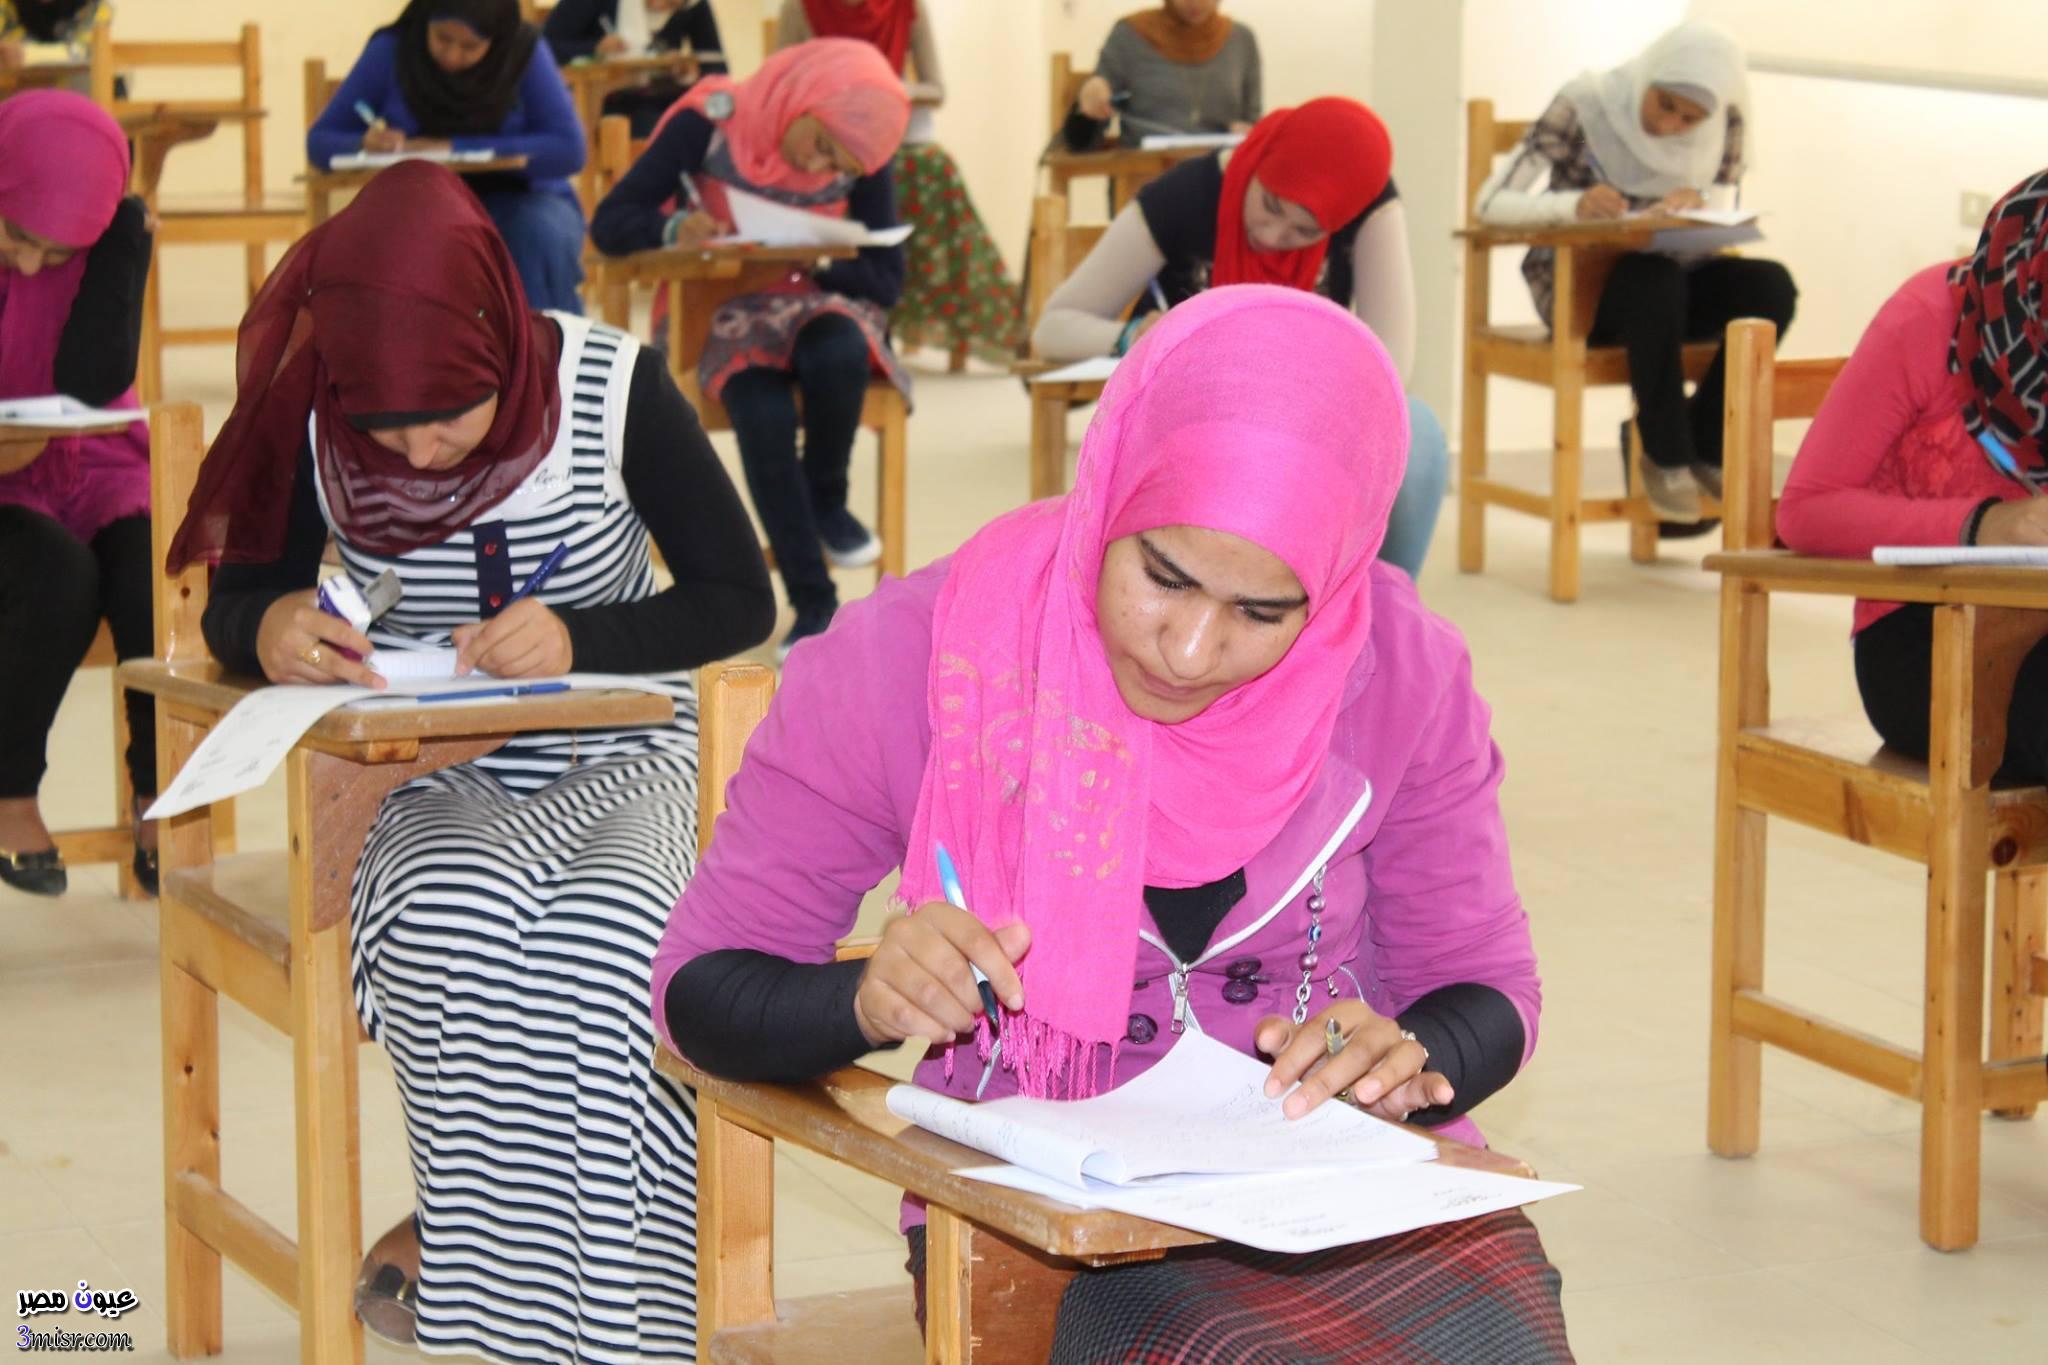 نتائج المراسلة التعليم عن بعد الجزائر دورة ماي 2015